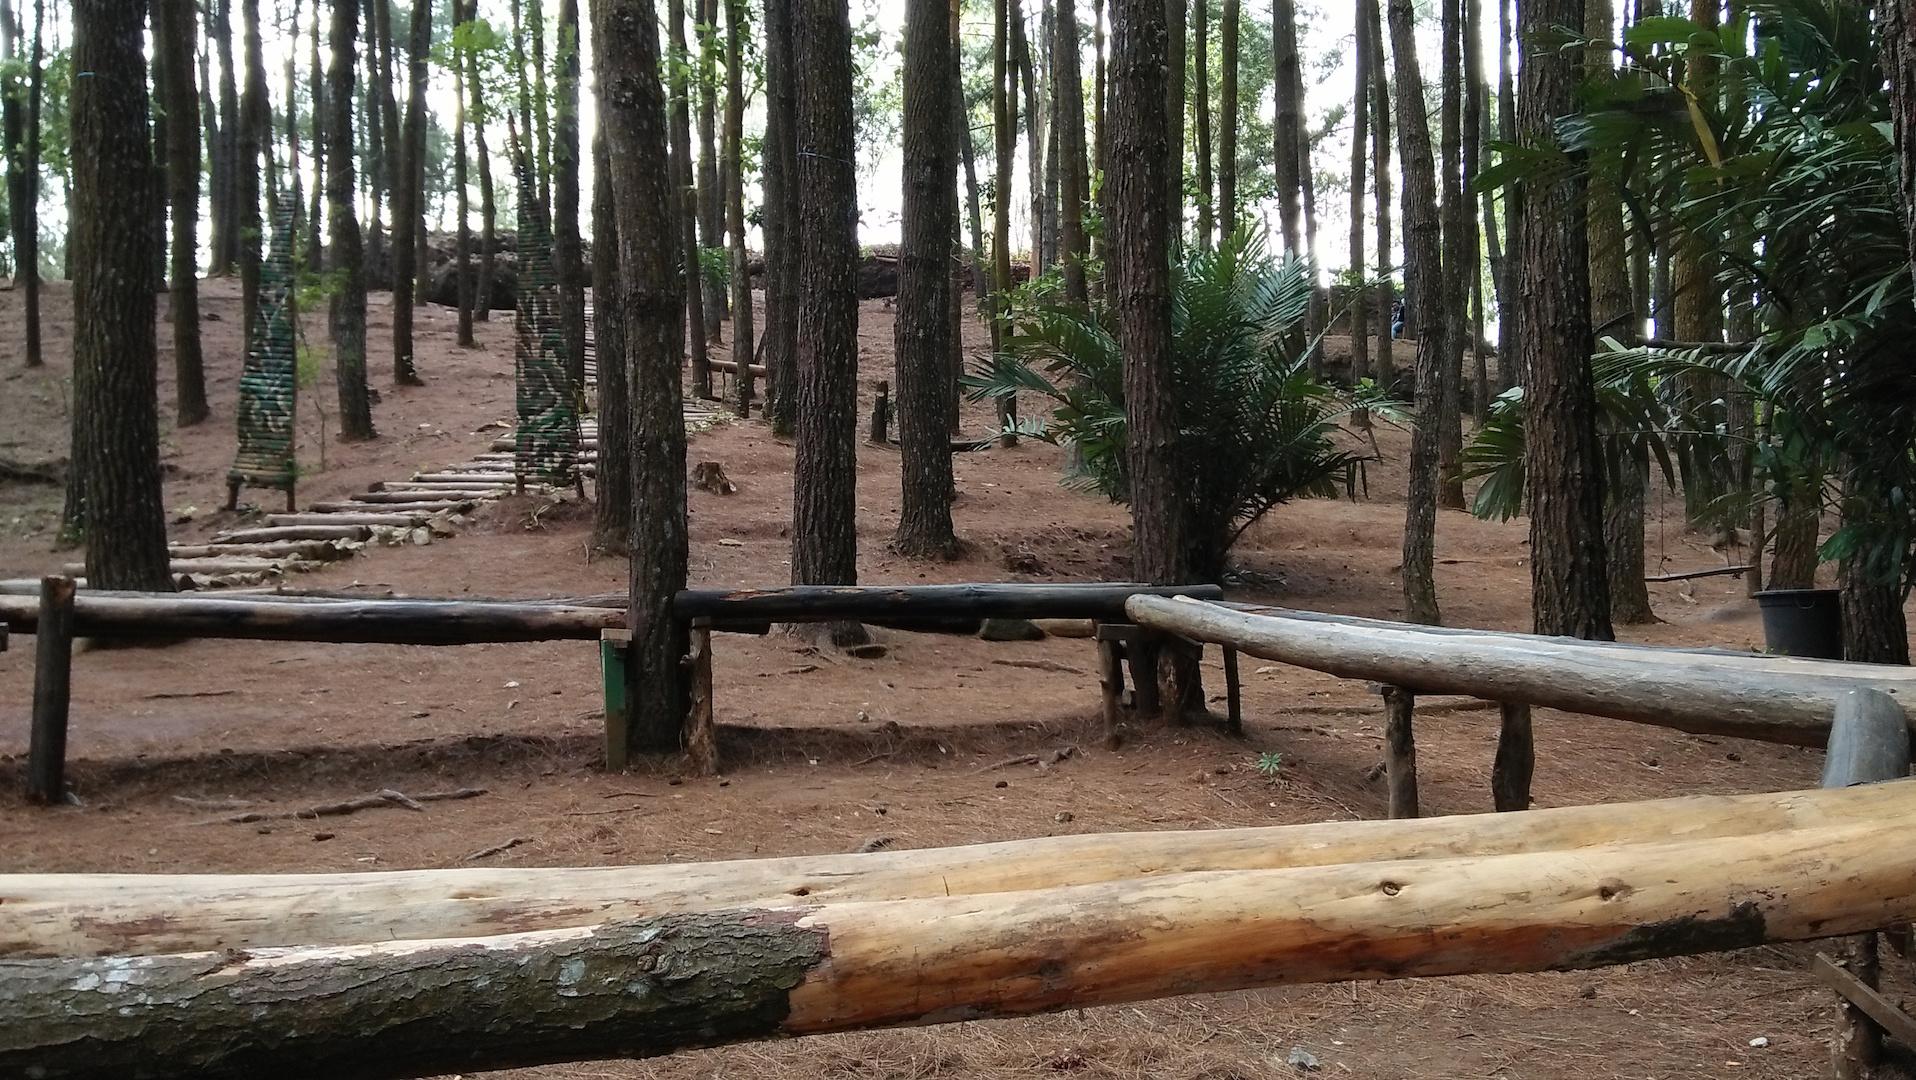 Hutan Pinus: Folk Orang Kota, Bencana Orang Desa | GEOTIMES